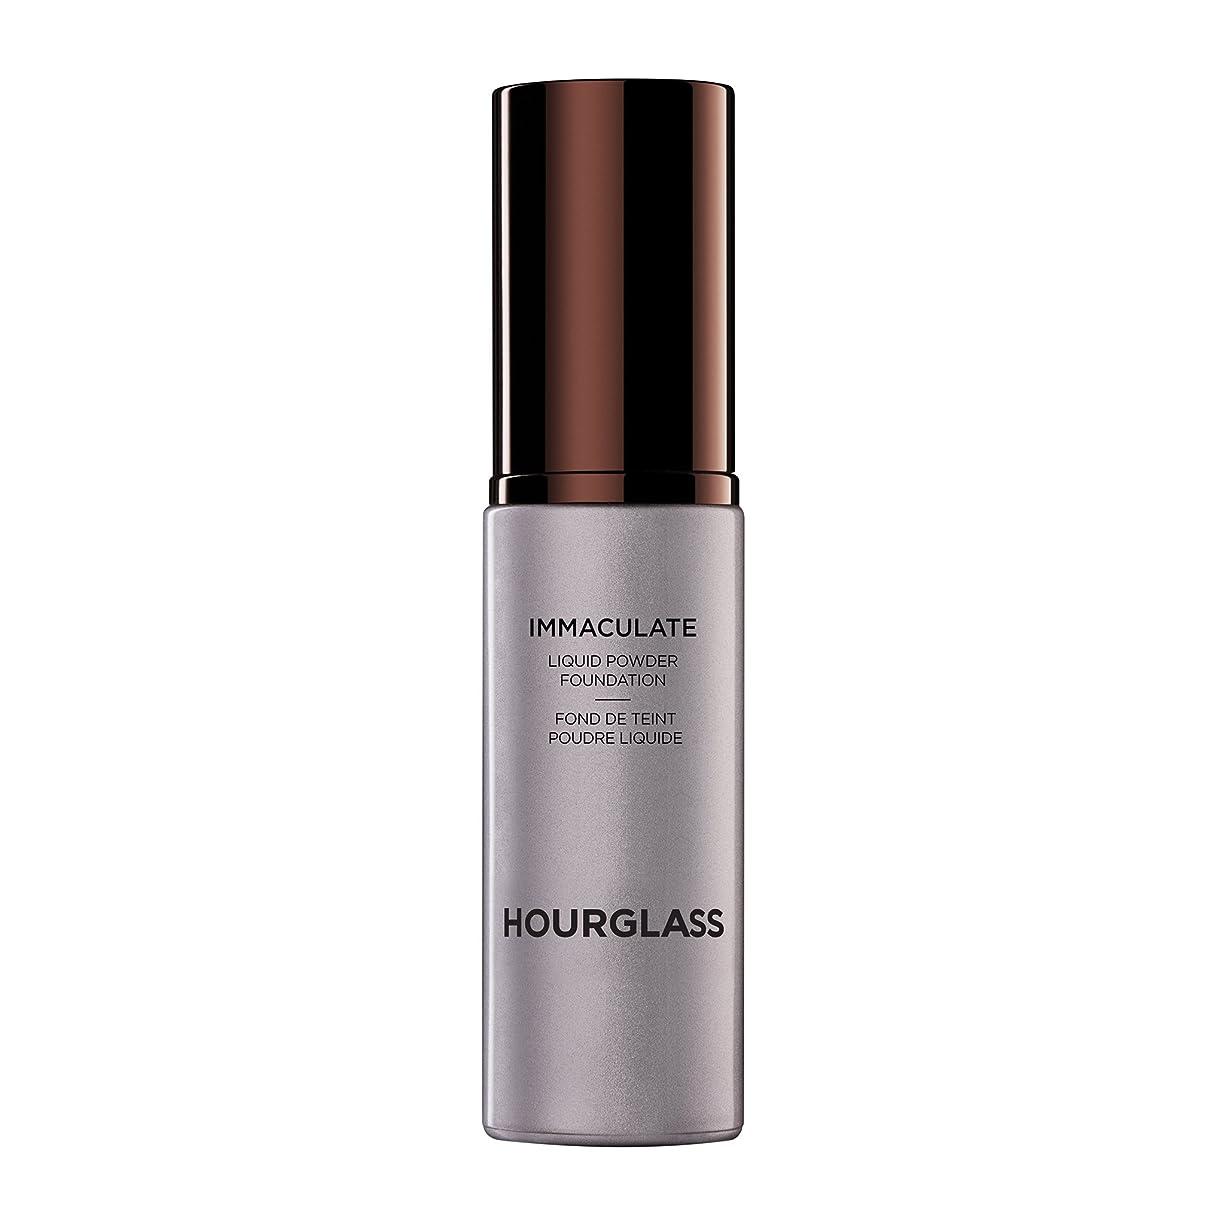 カーフ甘美なパキスタン人Hourglass Immaculate? Liquid Powder Foundation Mattifying Oil Free - Light Beige